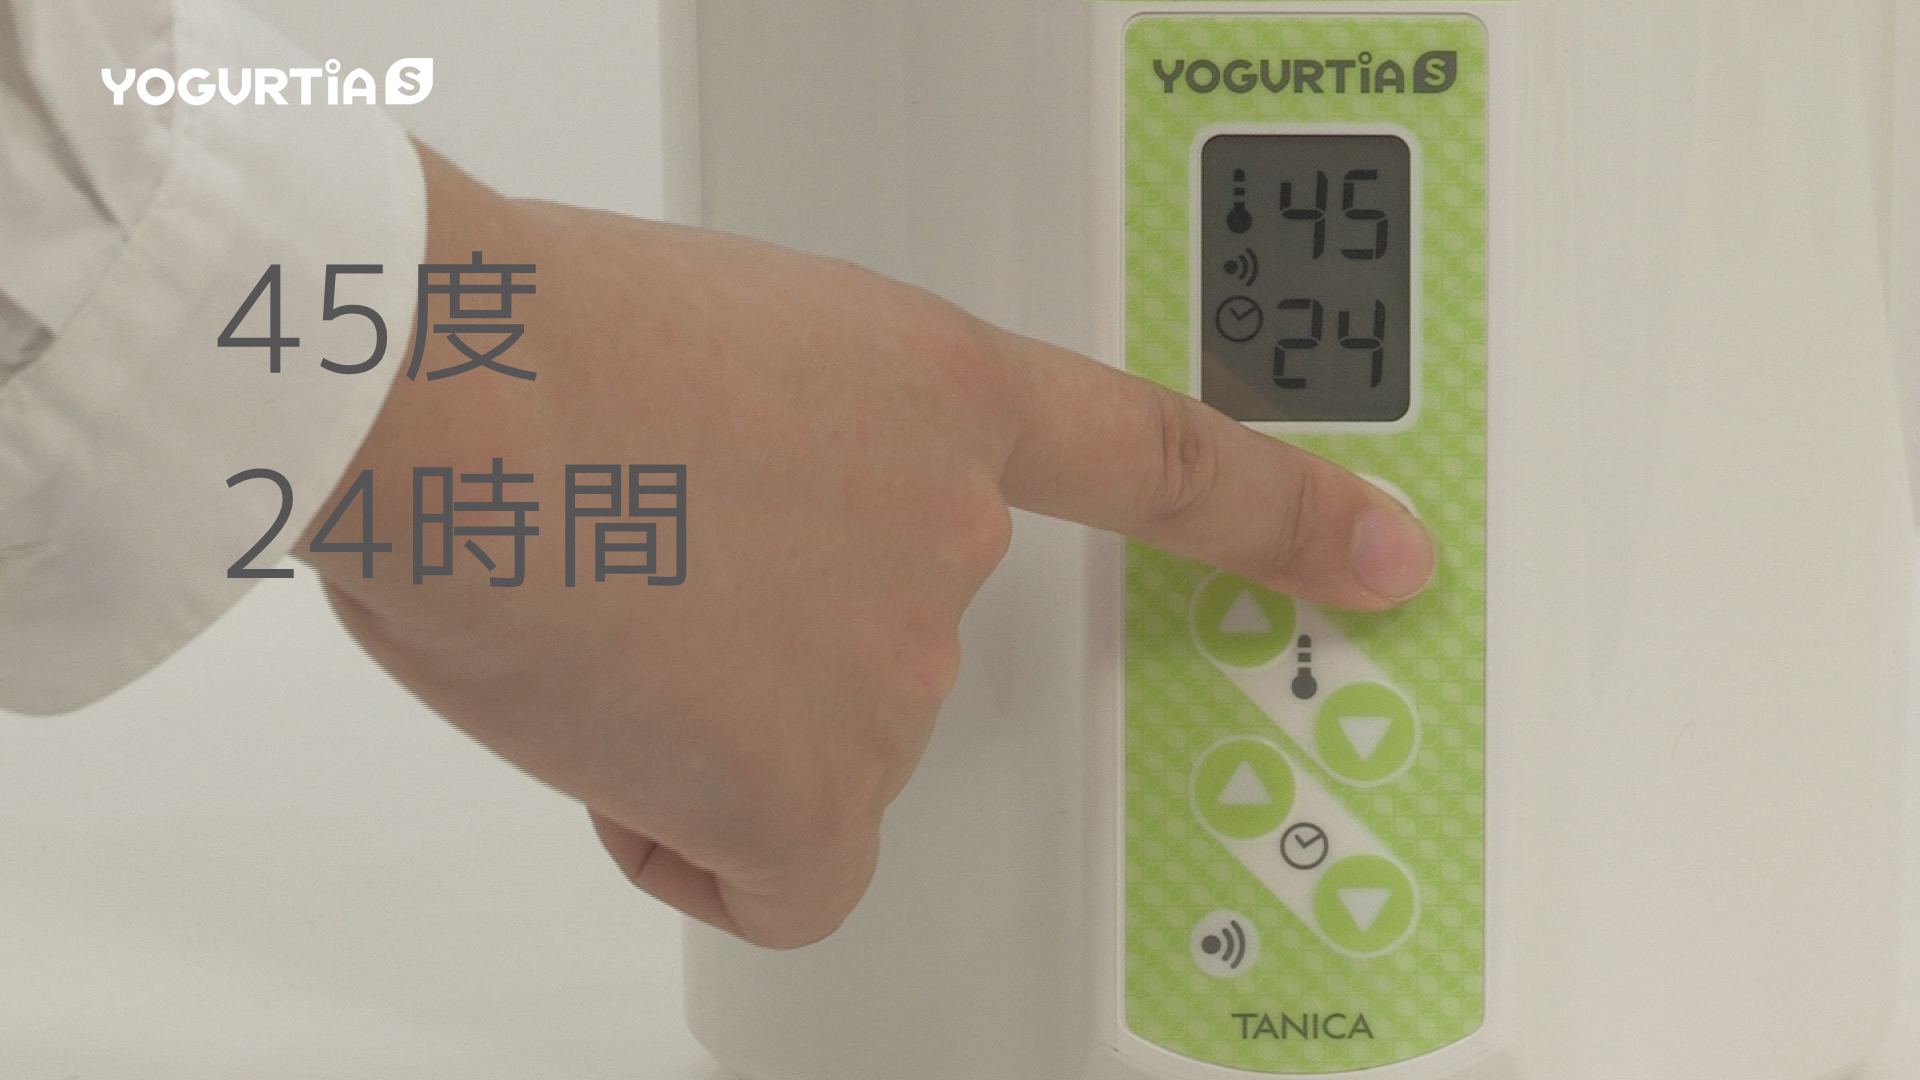 内ふたをせずに取手ふたを閉め、外ふたをのせます。温度を45℃、タイマーを24~48時間にセットして、スタートボタンを押します。